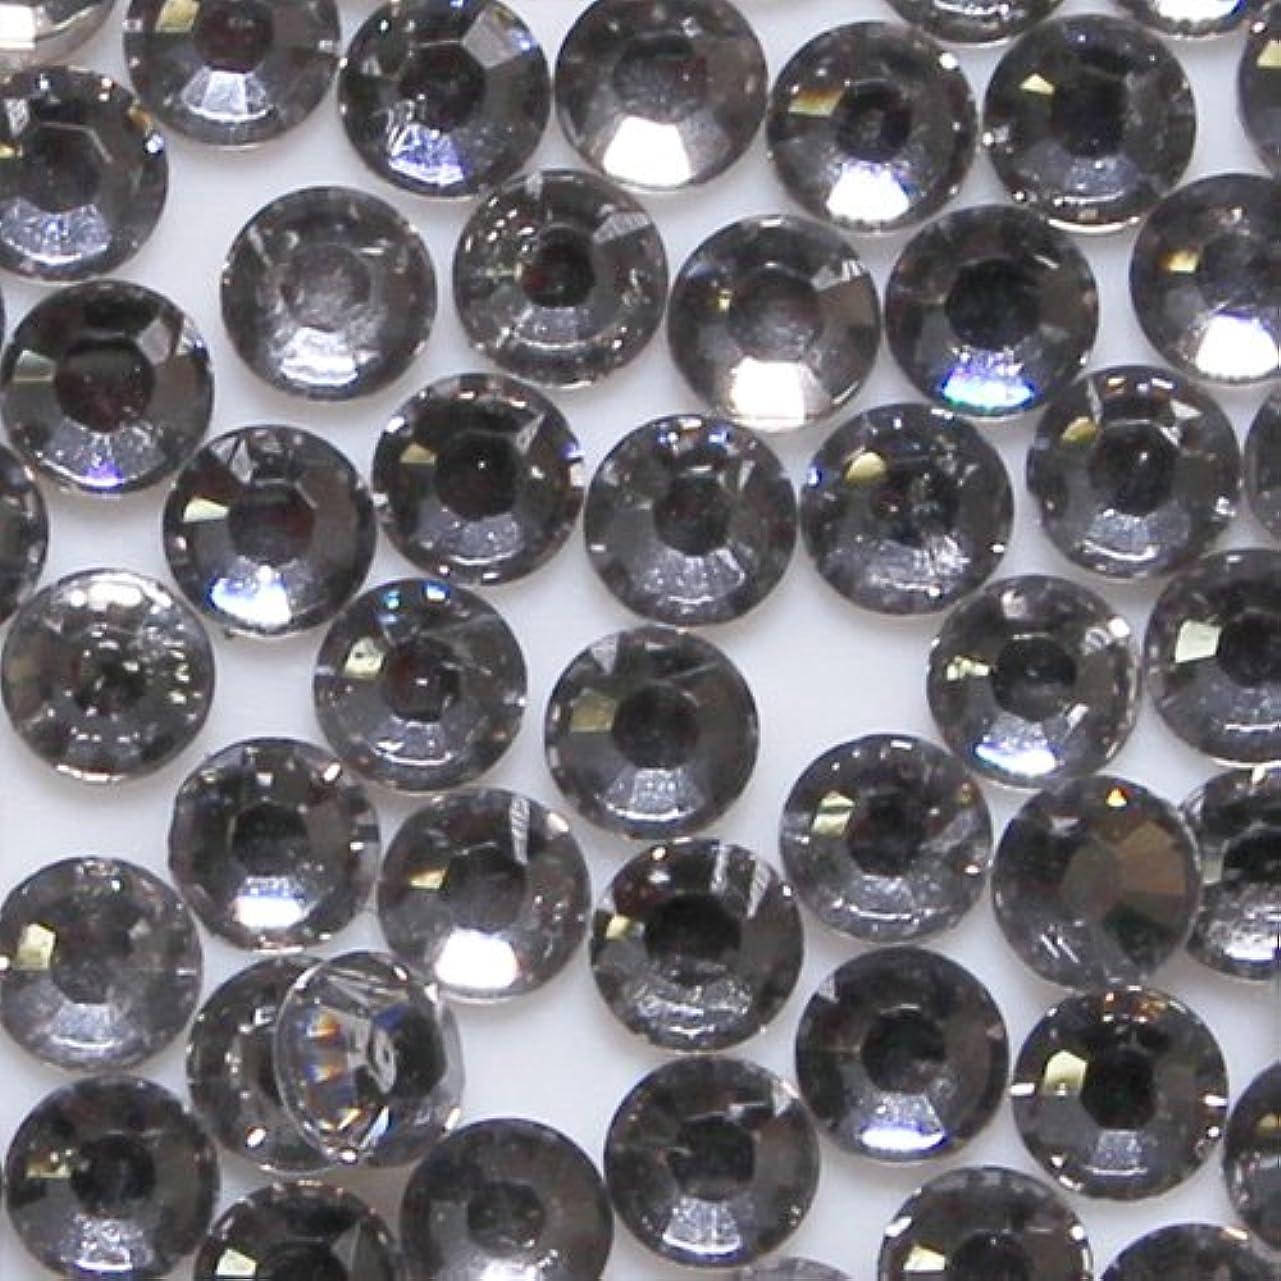 準備した汚染された君主制高品質 アクリルストーン ラインストーン ラウンドフラット 約1000粒入り 2mm ブラックダイヤモンド